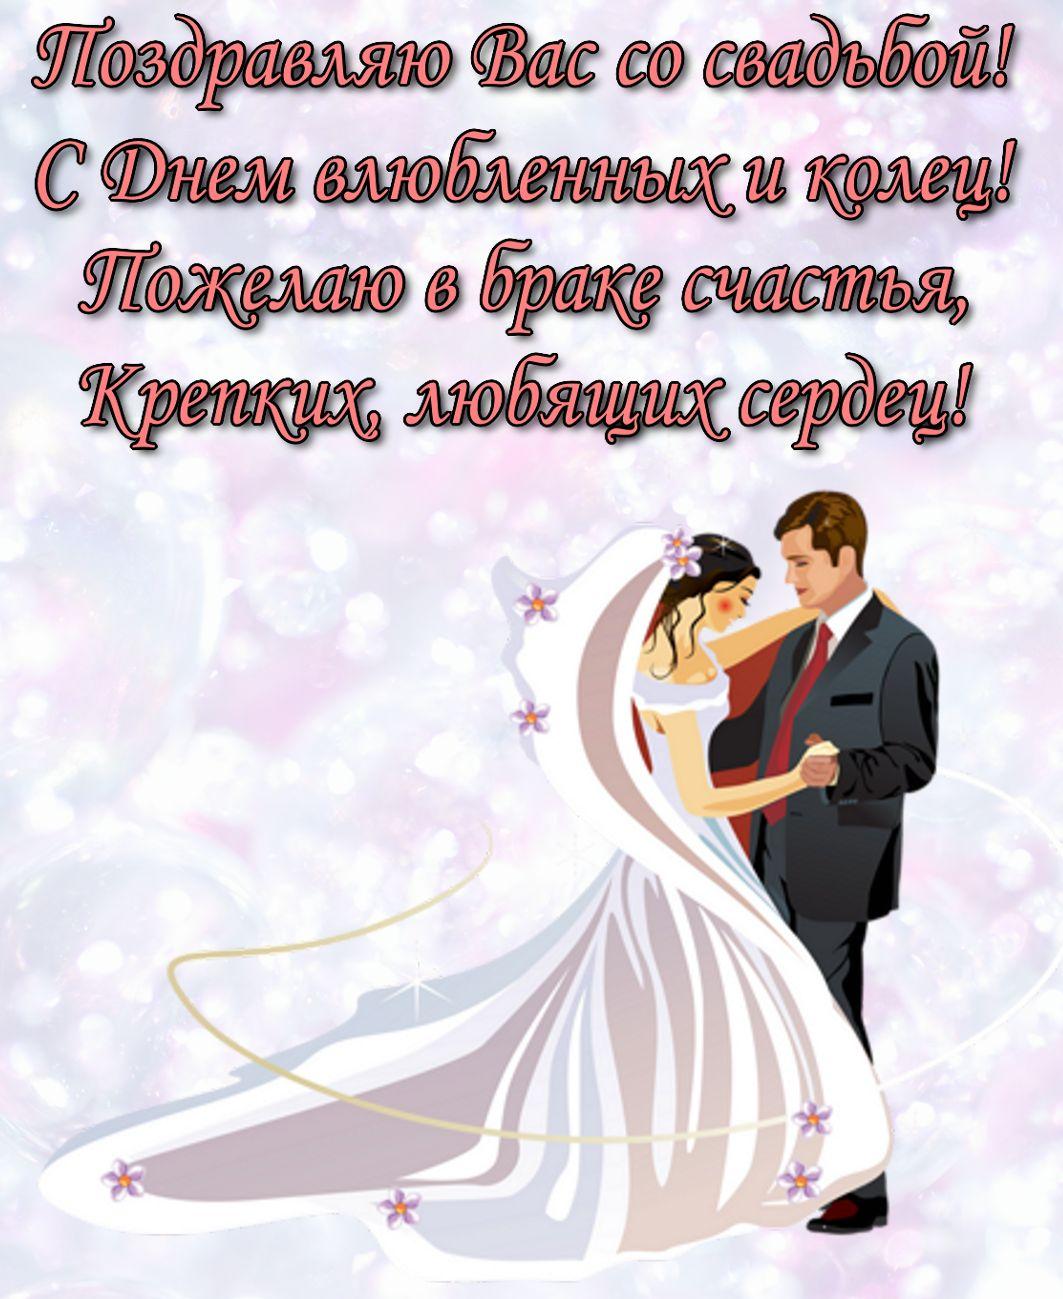 Поздравления на свадьбу будущей жене